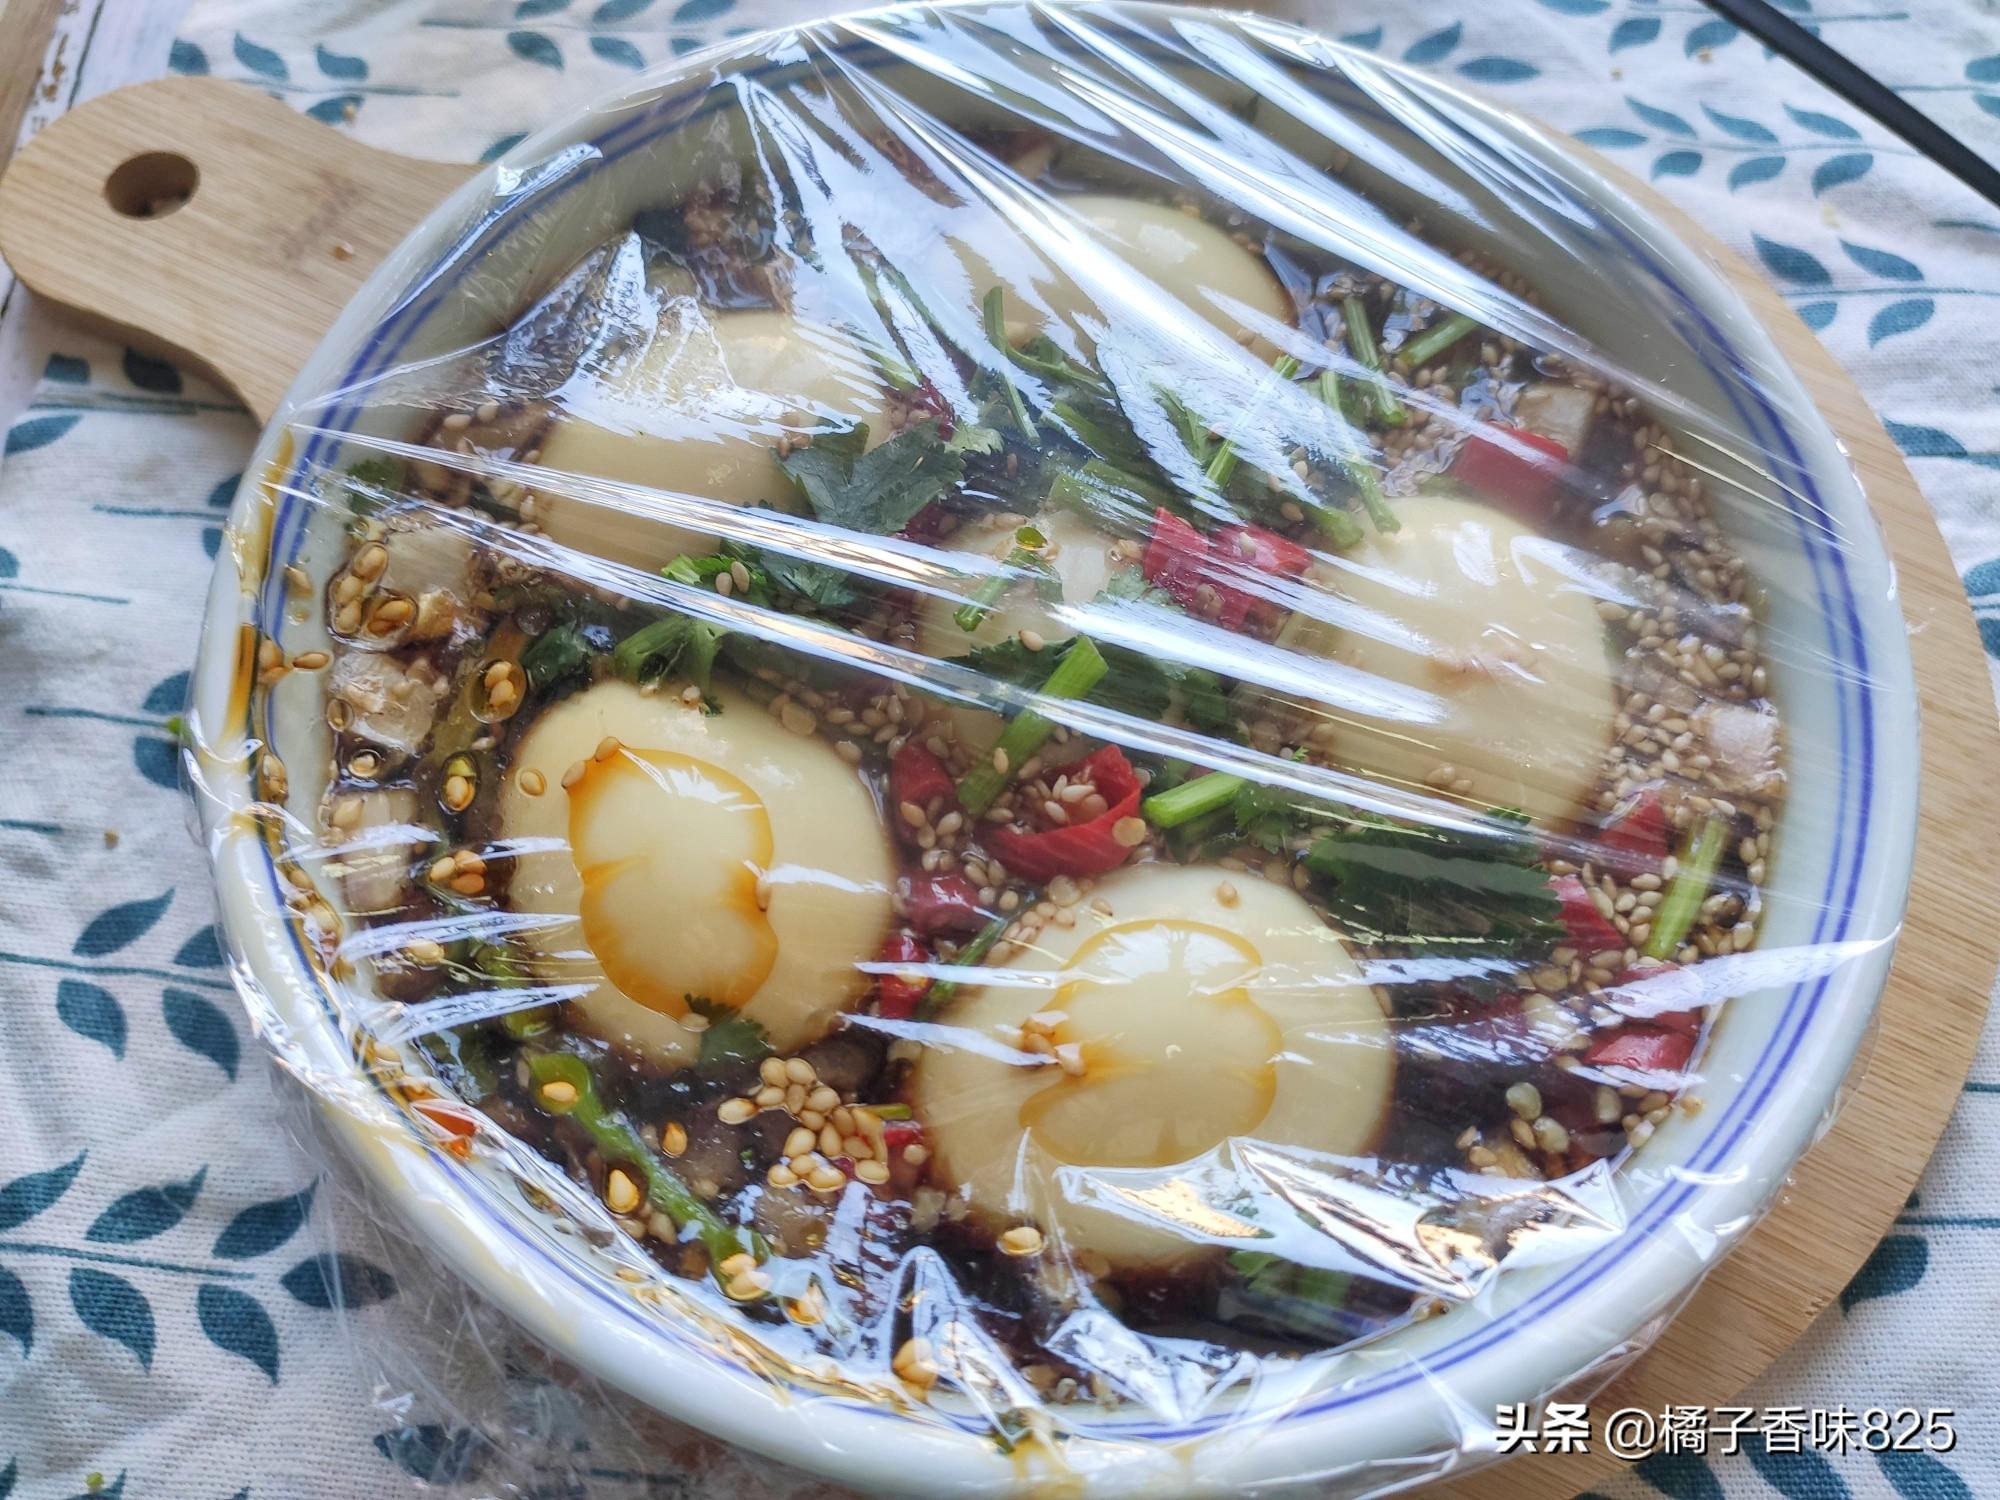 鸡蛋新吃法,比白水煮蛋好吃多了,浸泡一晚更入味,与米饭绝搭 美食做法 第6张